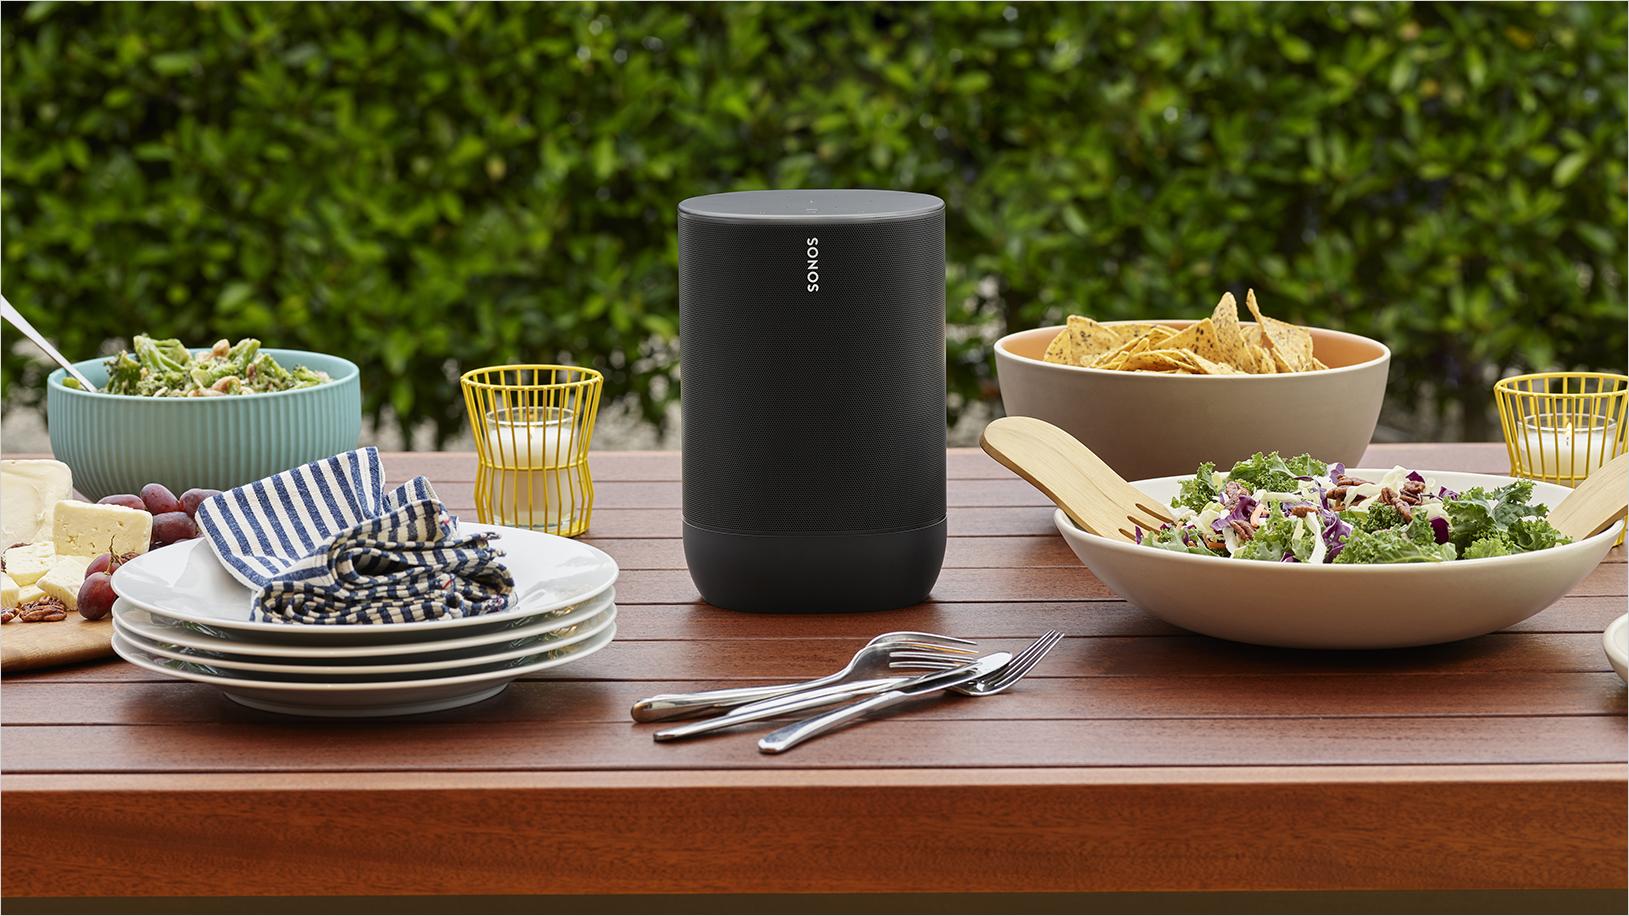 Sonos Move smart speaker resistente e alimentato a batteria